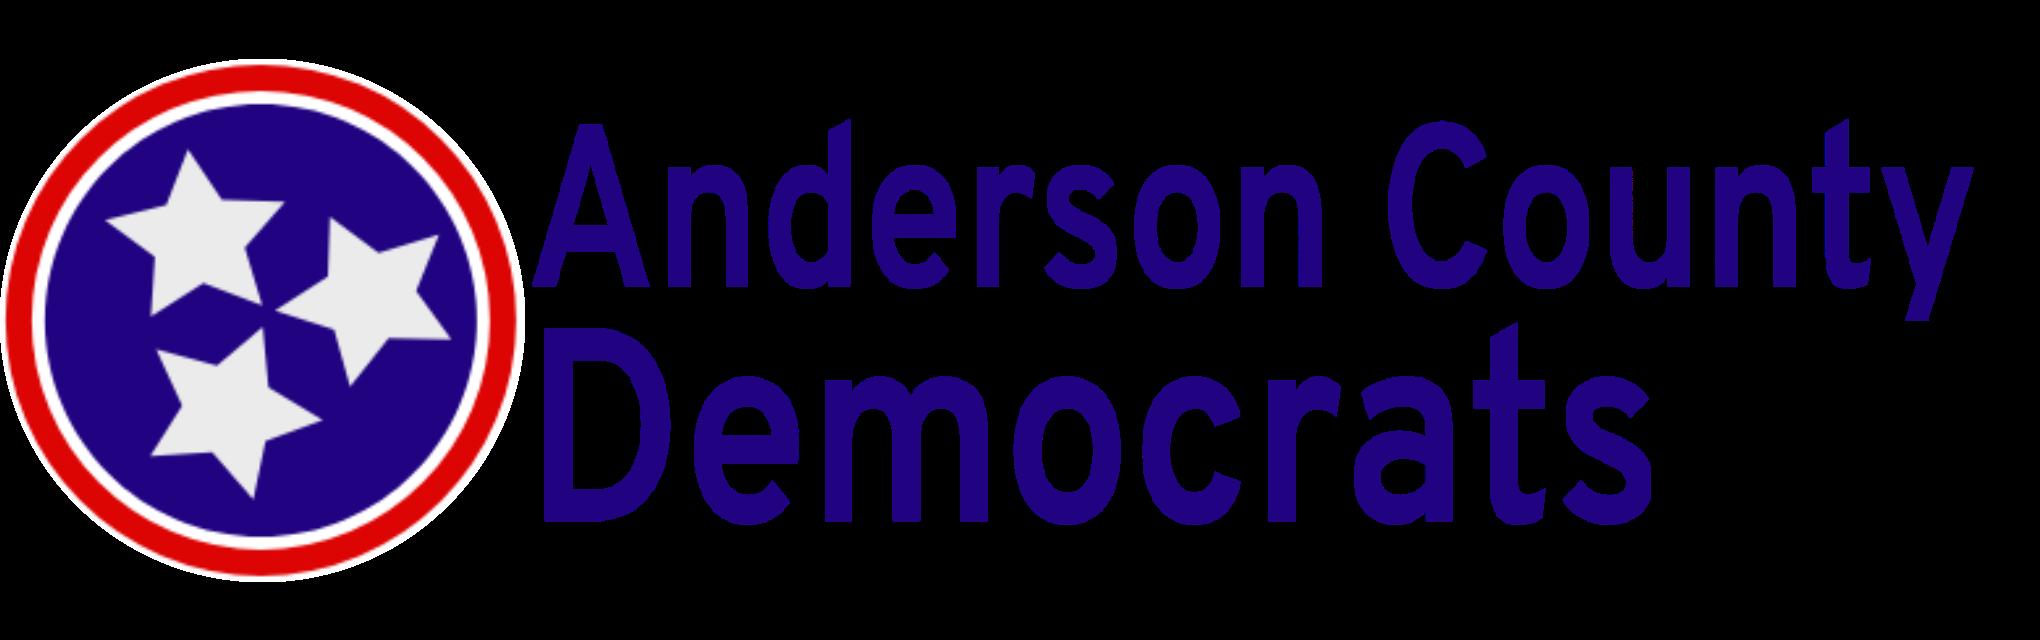 Anderson County Democratic Party (TN)